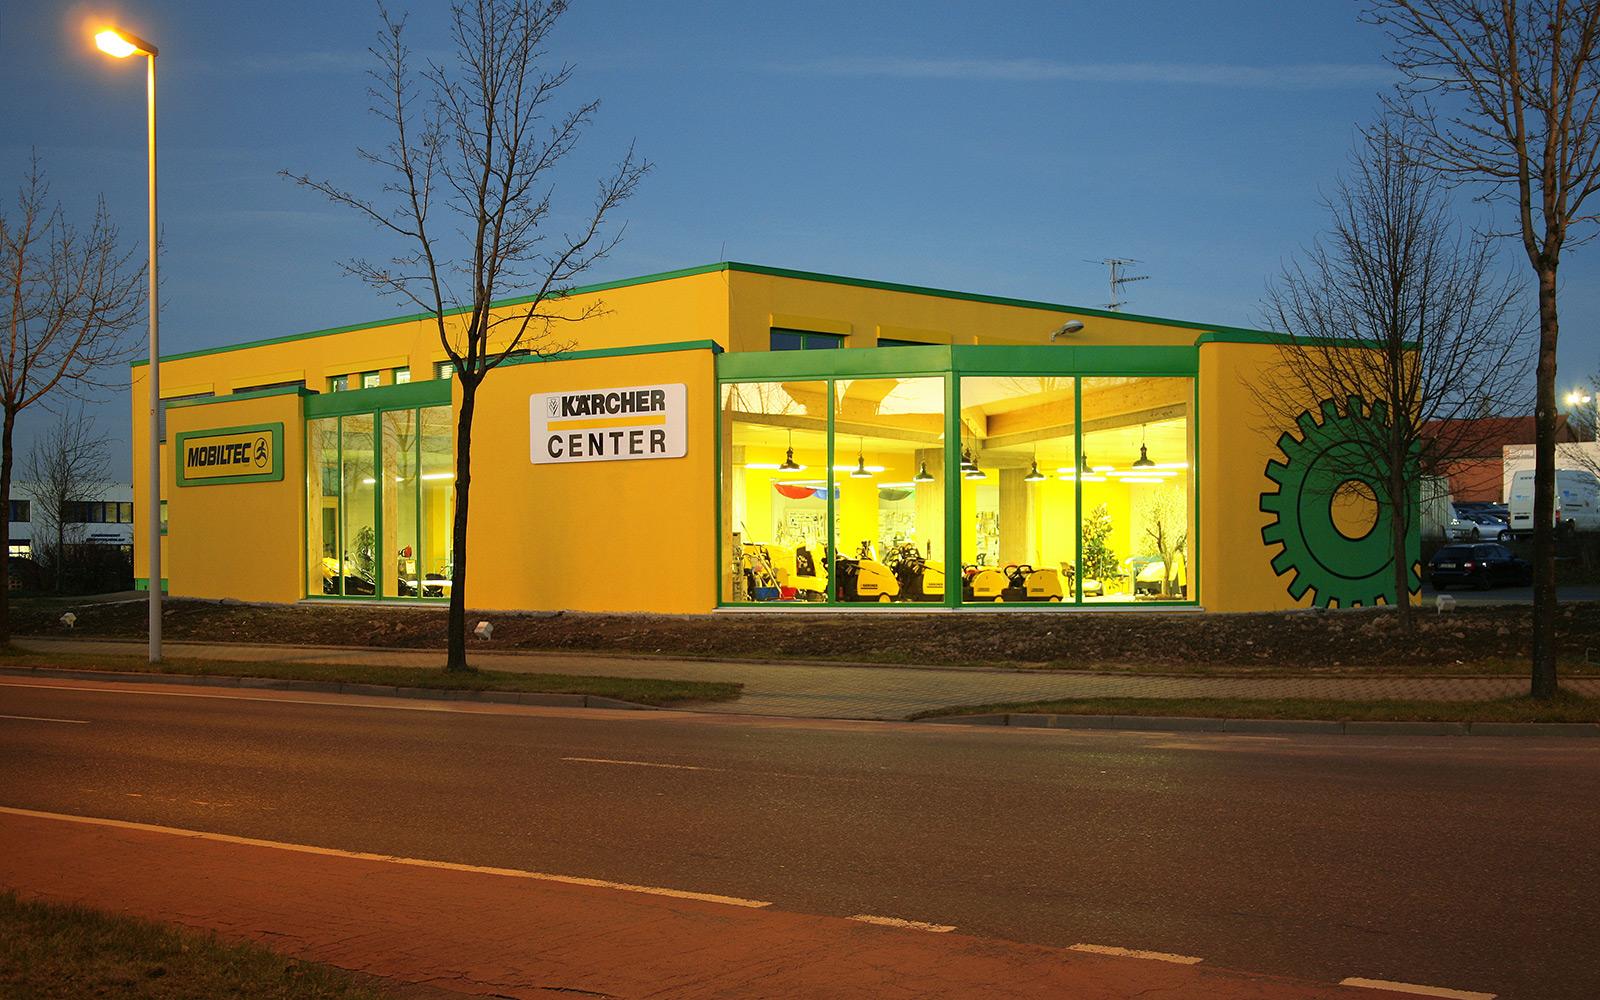 mobiltec gmbh ihr k rcher center in chemnitz. Black Bedroom Furniture Sets. Home Design Ideas